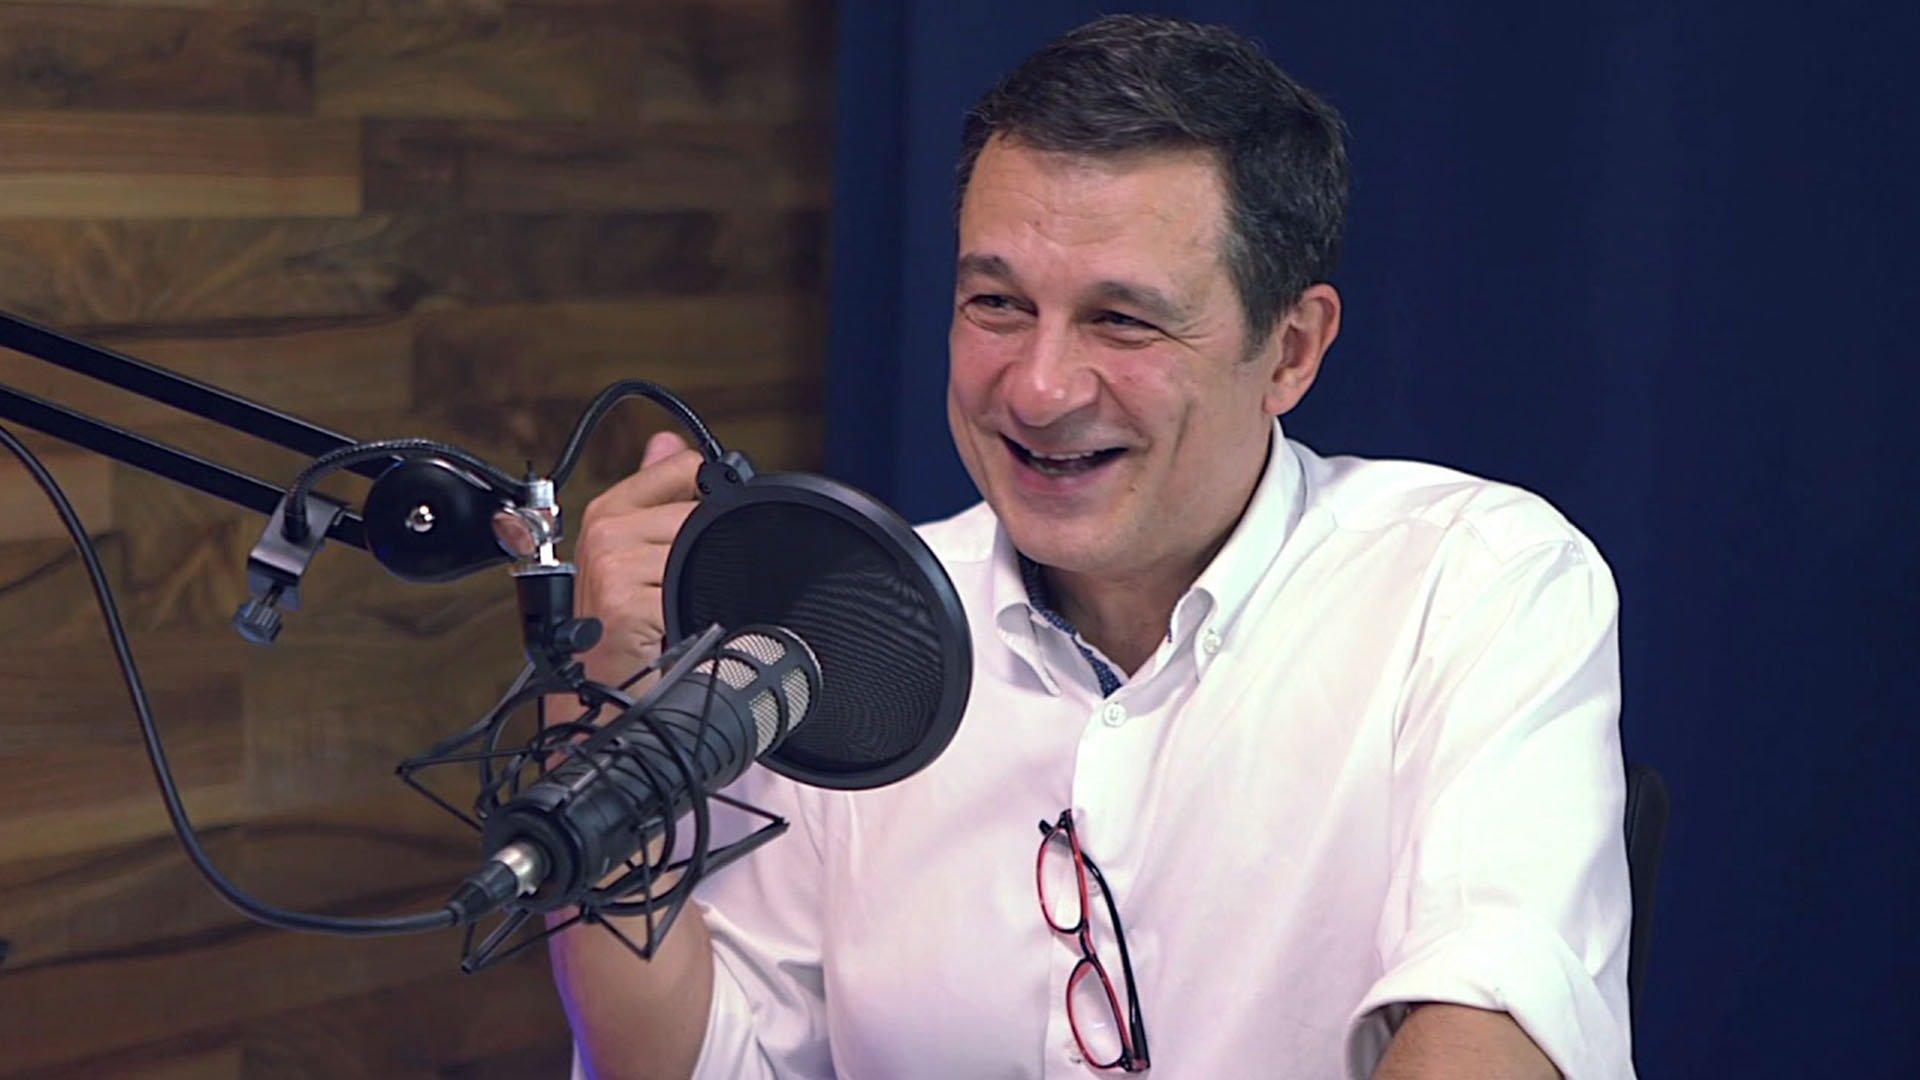 Dario Bressanini è stato ospite del Breaking Italy Podcast dove ha parlato anche di Pane e Bugie